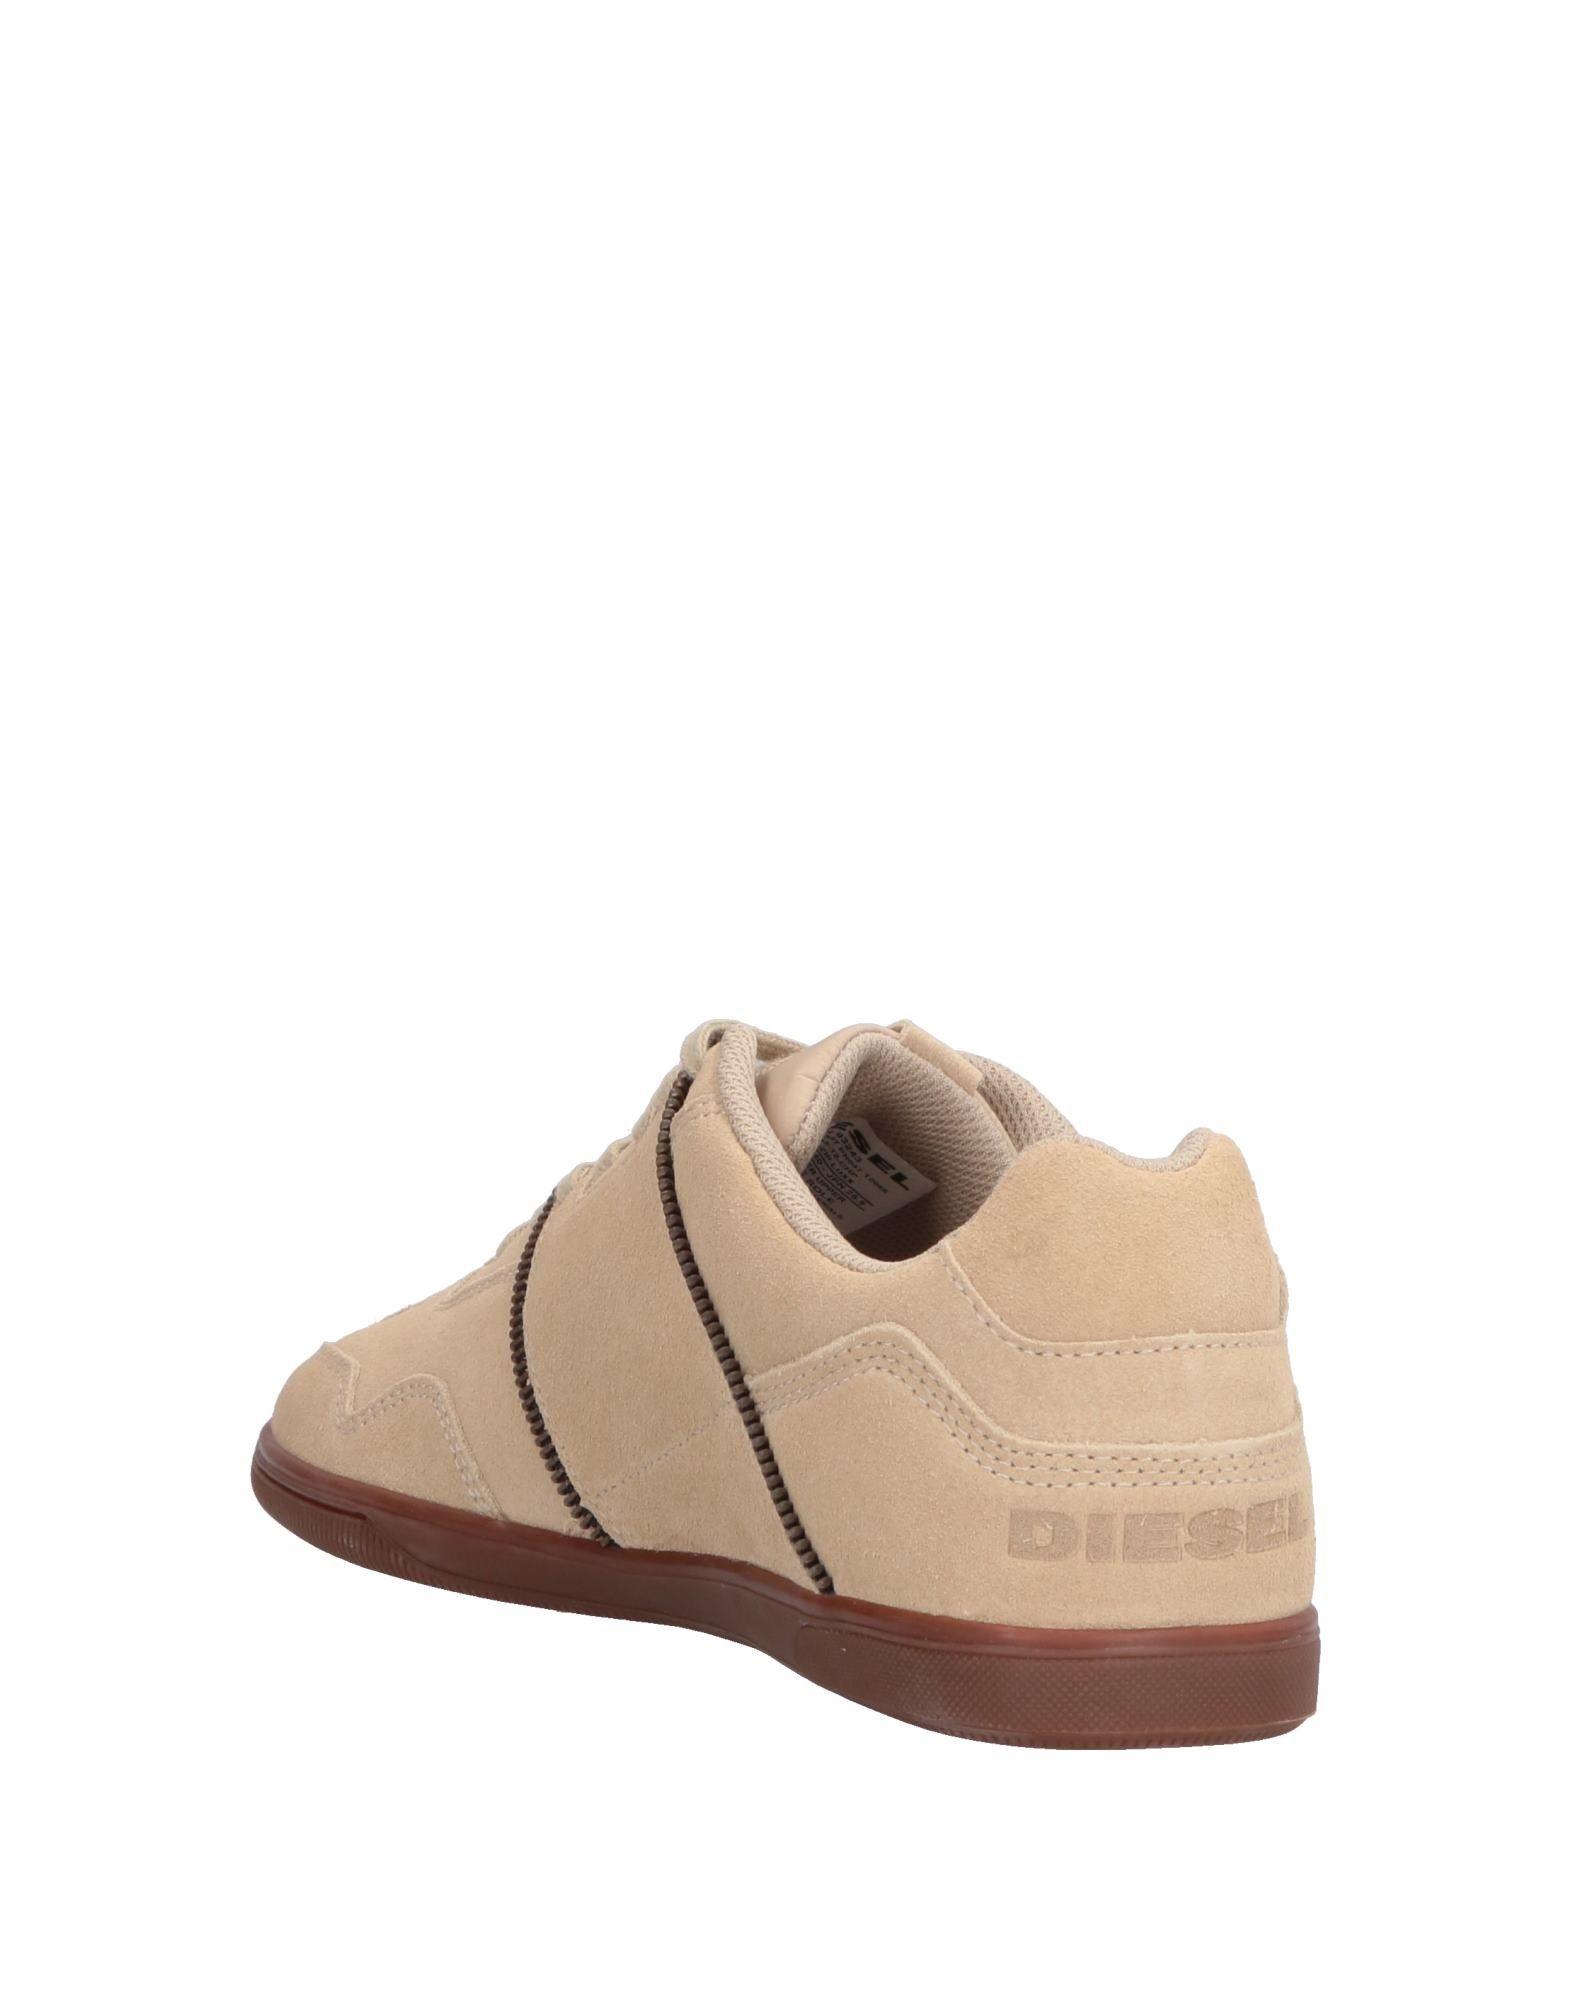 Diesel Sneakers Herren Herren Sneakers Gutes Preis-Leistungs-Verhältnis, es lohnt sich 5738a8